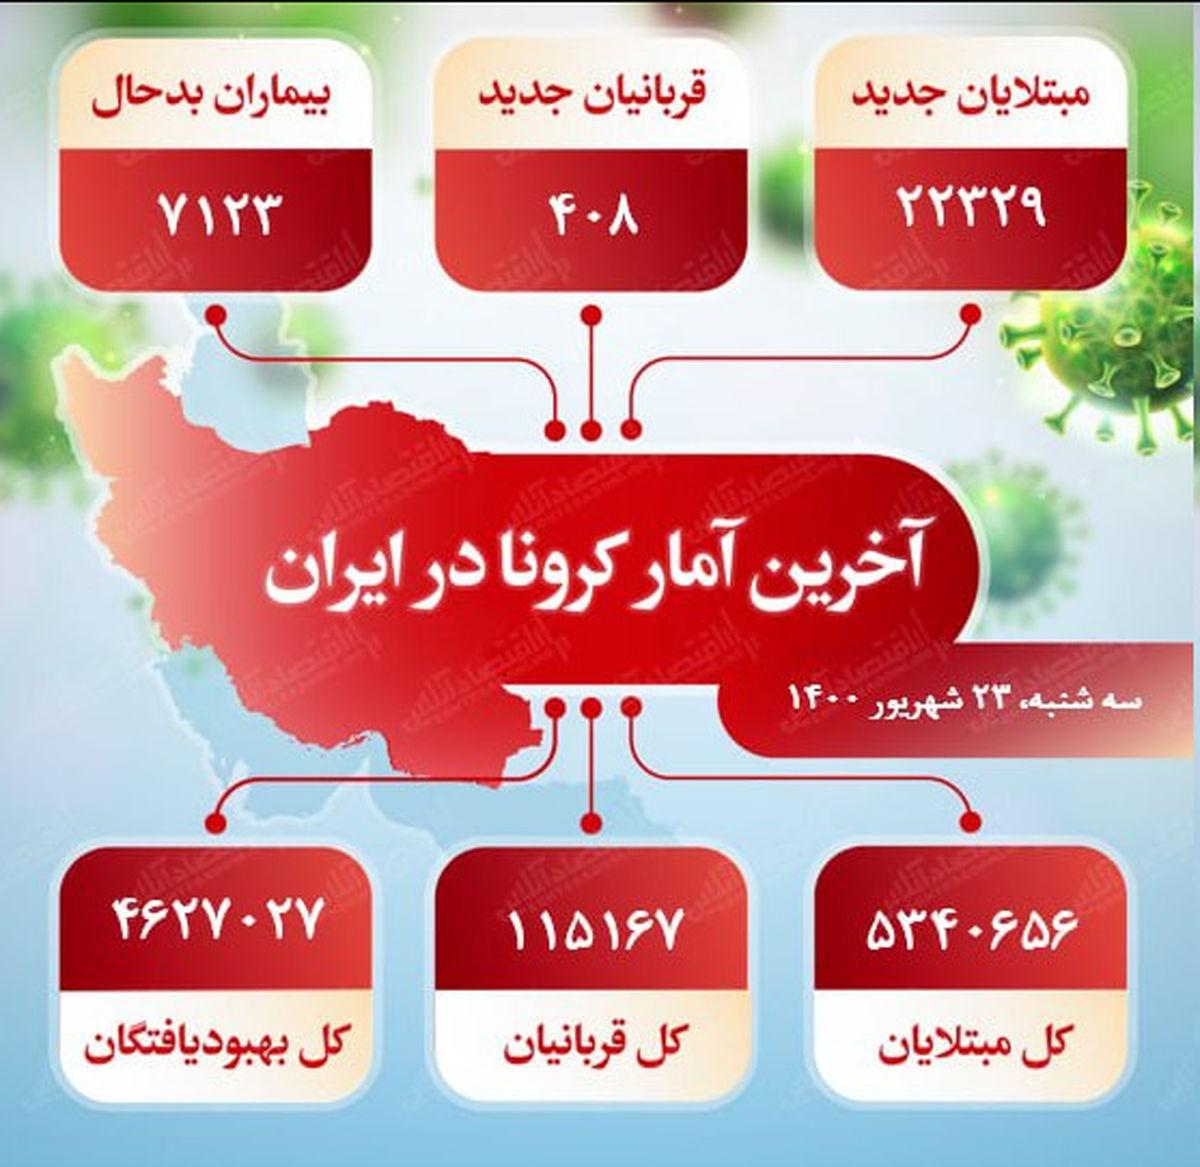 آخرین آمار کرونا در ایران (۱۴۰۰/۶/۲۳)